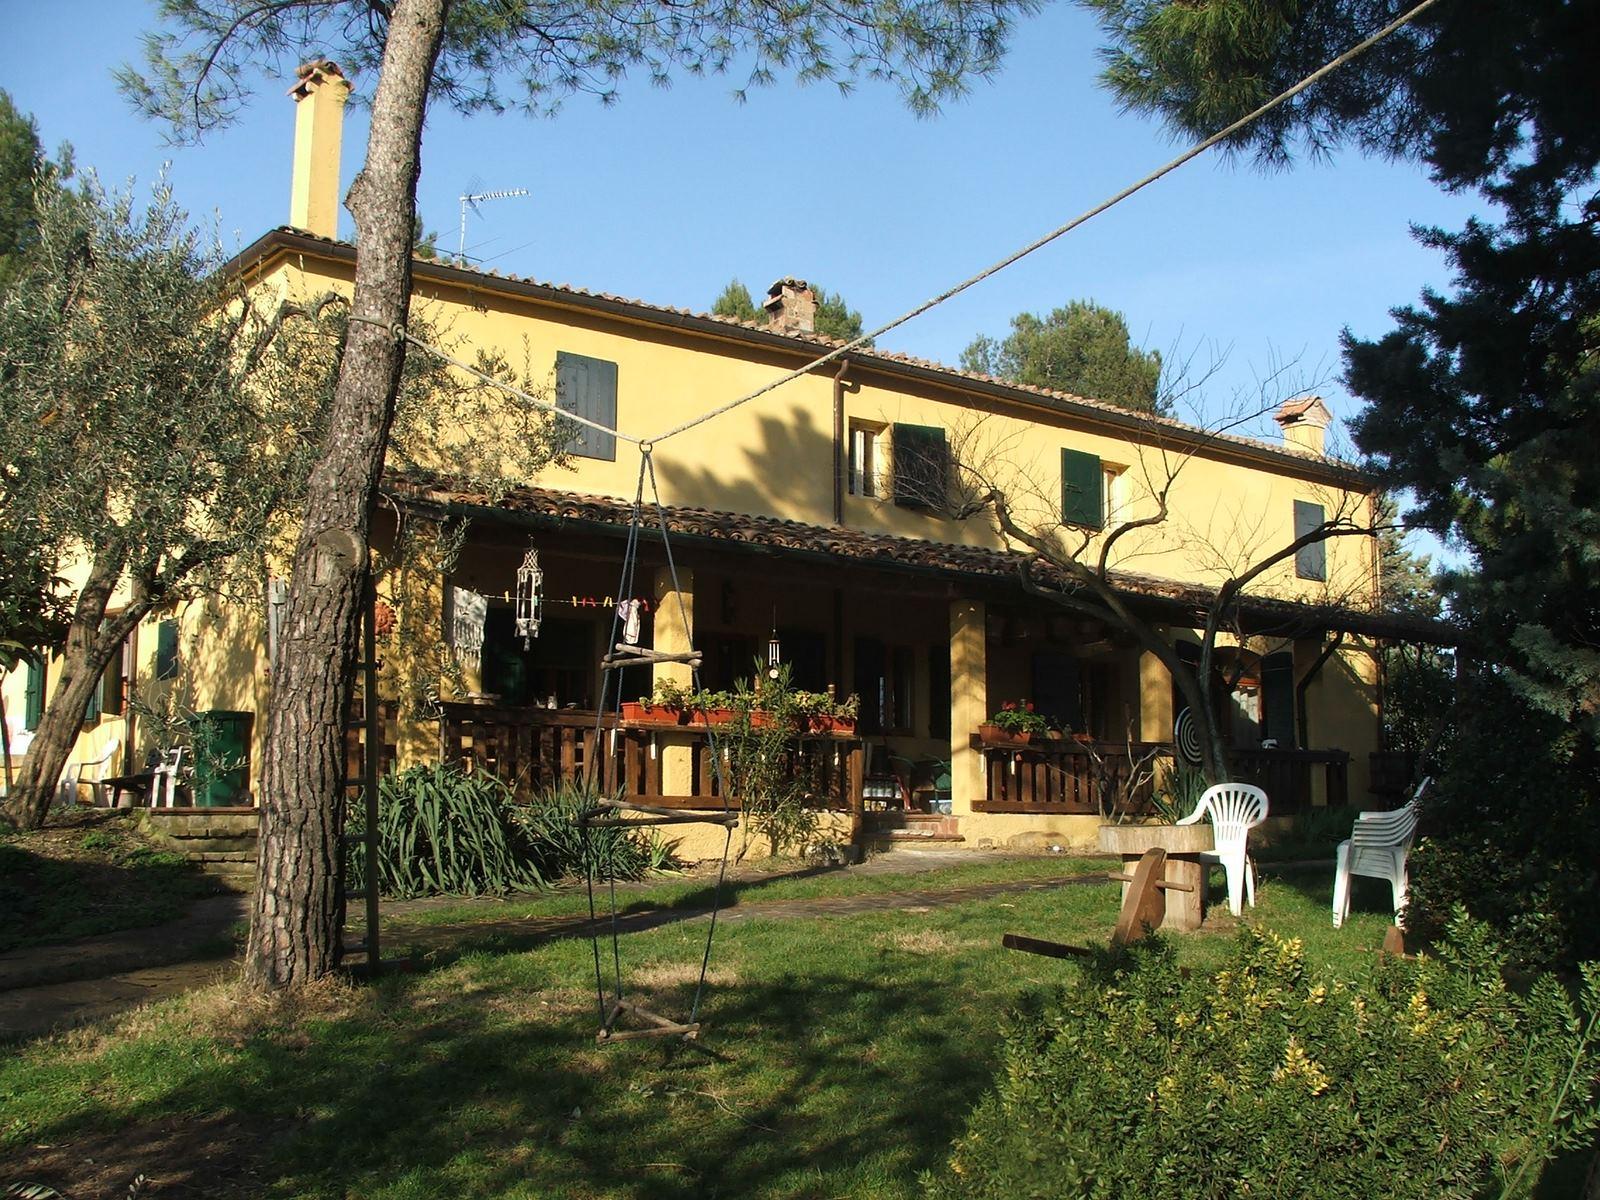 Ferienhaus Pescatore (870454), Fano (IT), Adriaküste (Marken), Marken, Italien, Bild 5